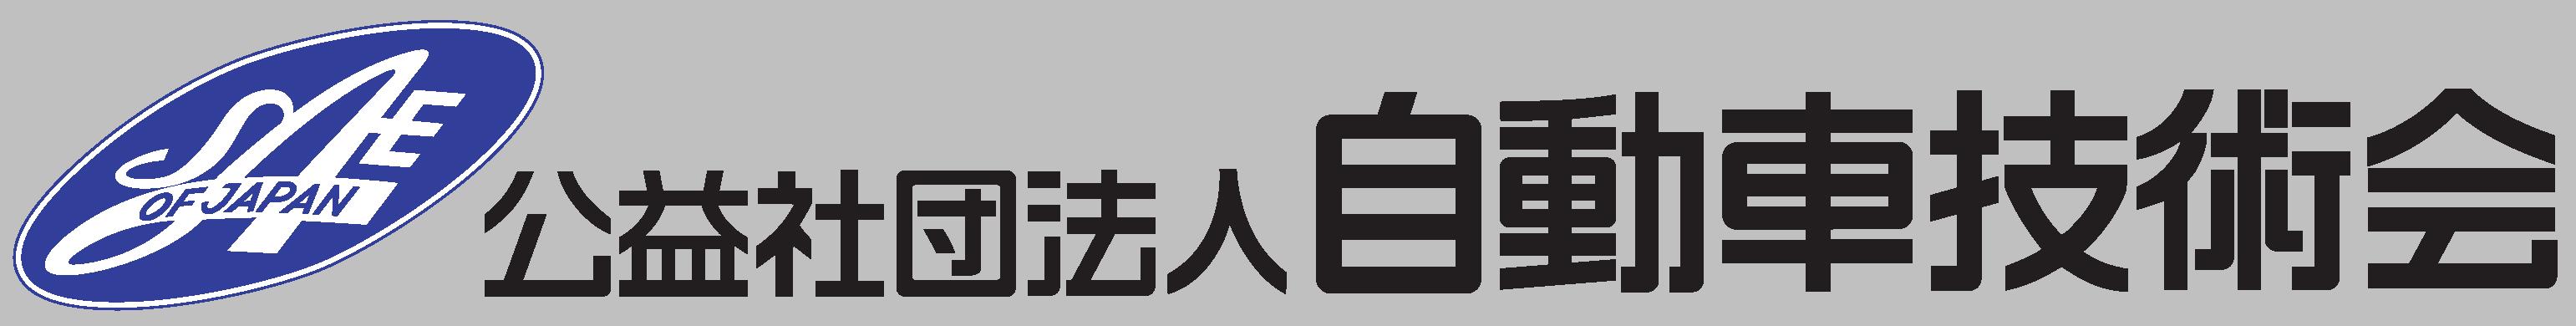 公益社団法人自動車技術会